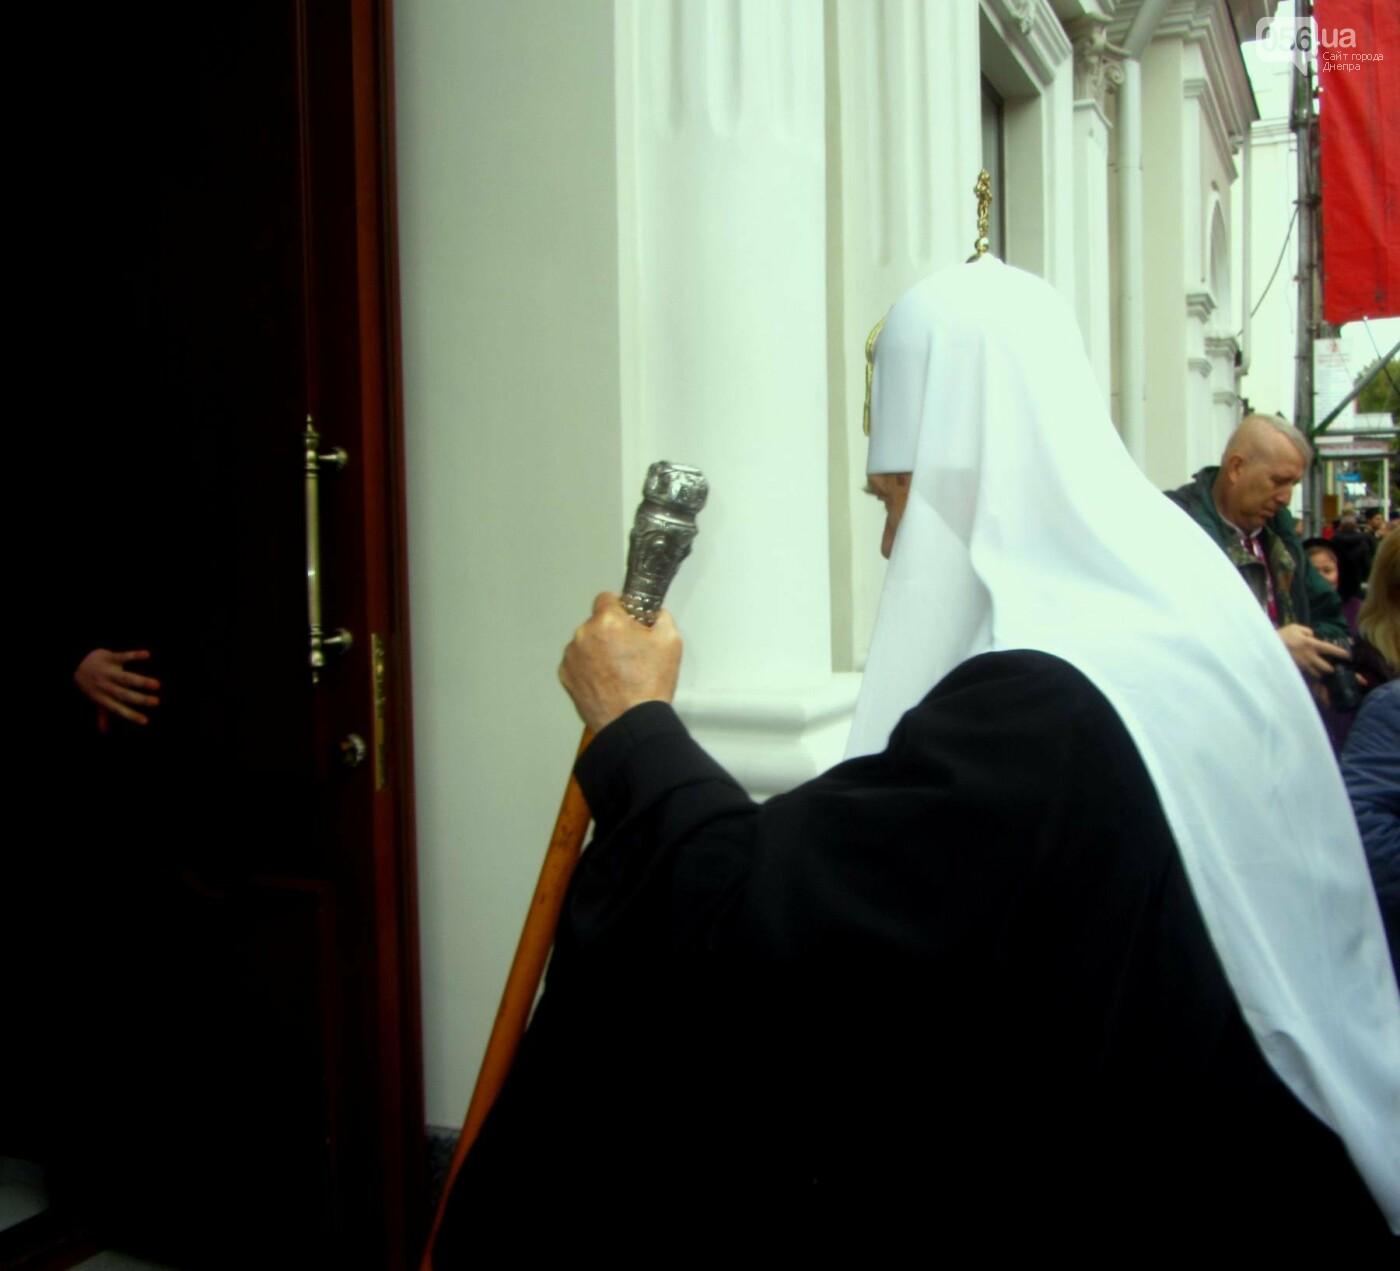 Патриарх Филарет в Днепре: об агрессии, коррупции и межконфессиональном диалоге (ФОТО), фото-2